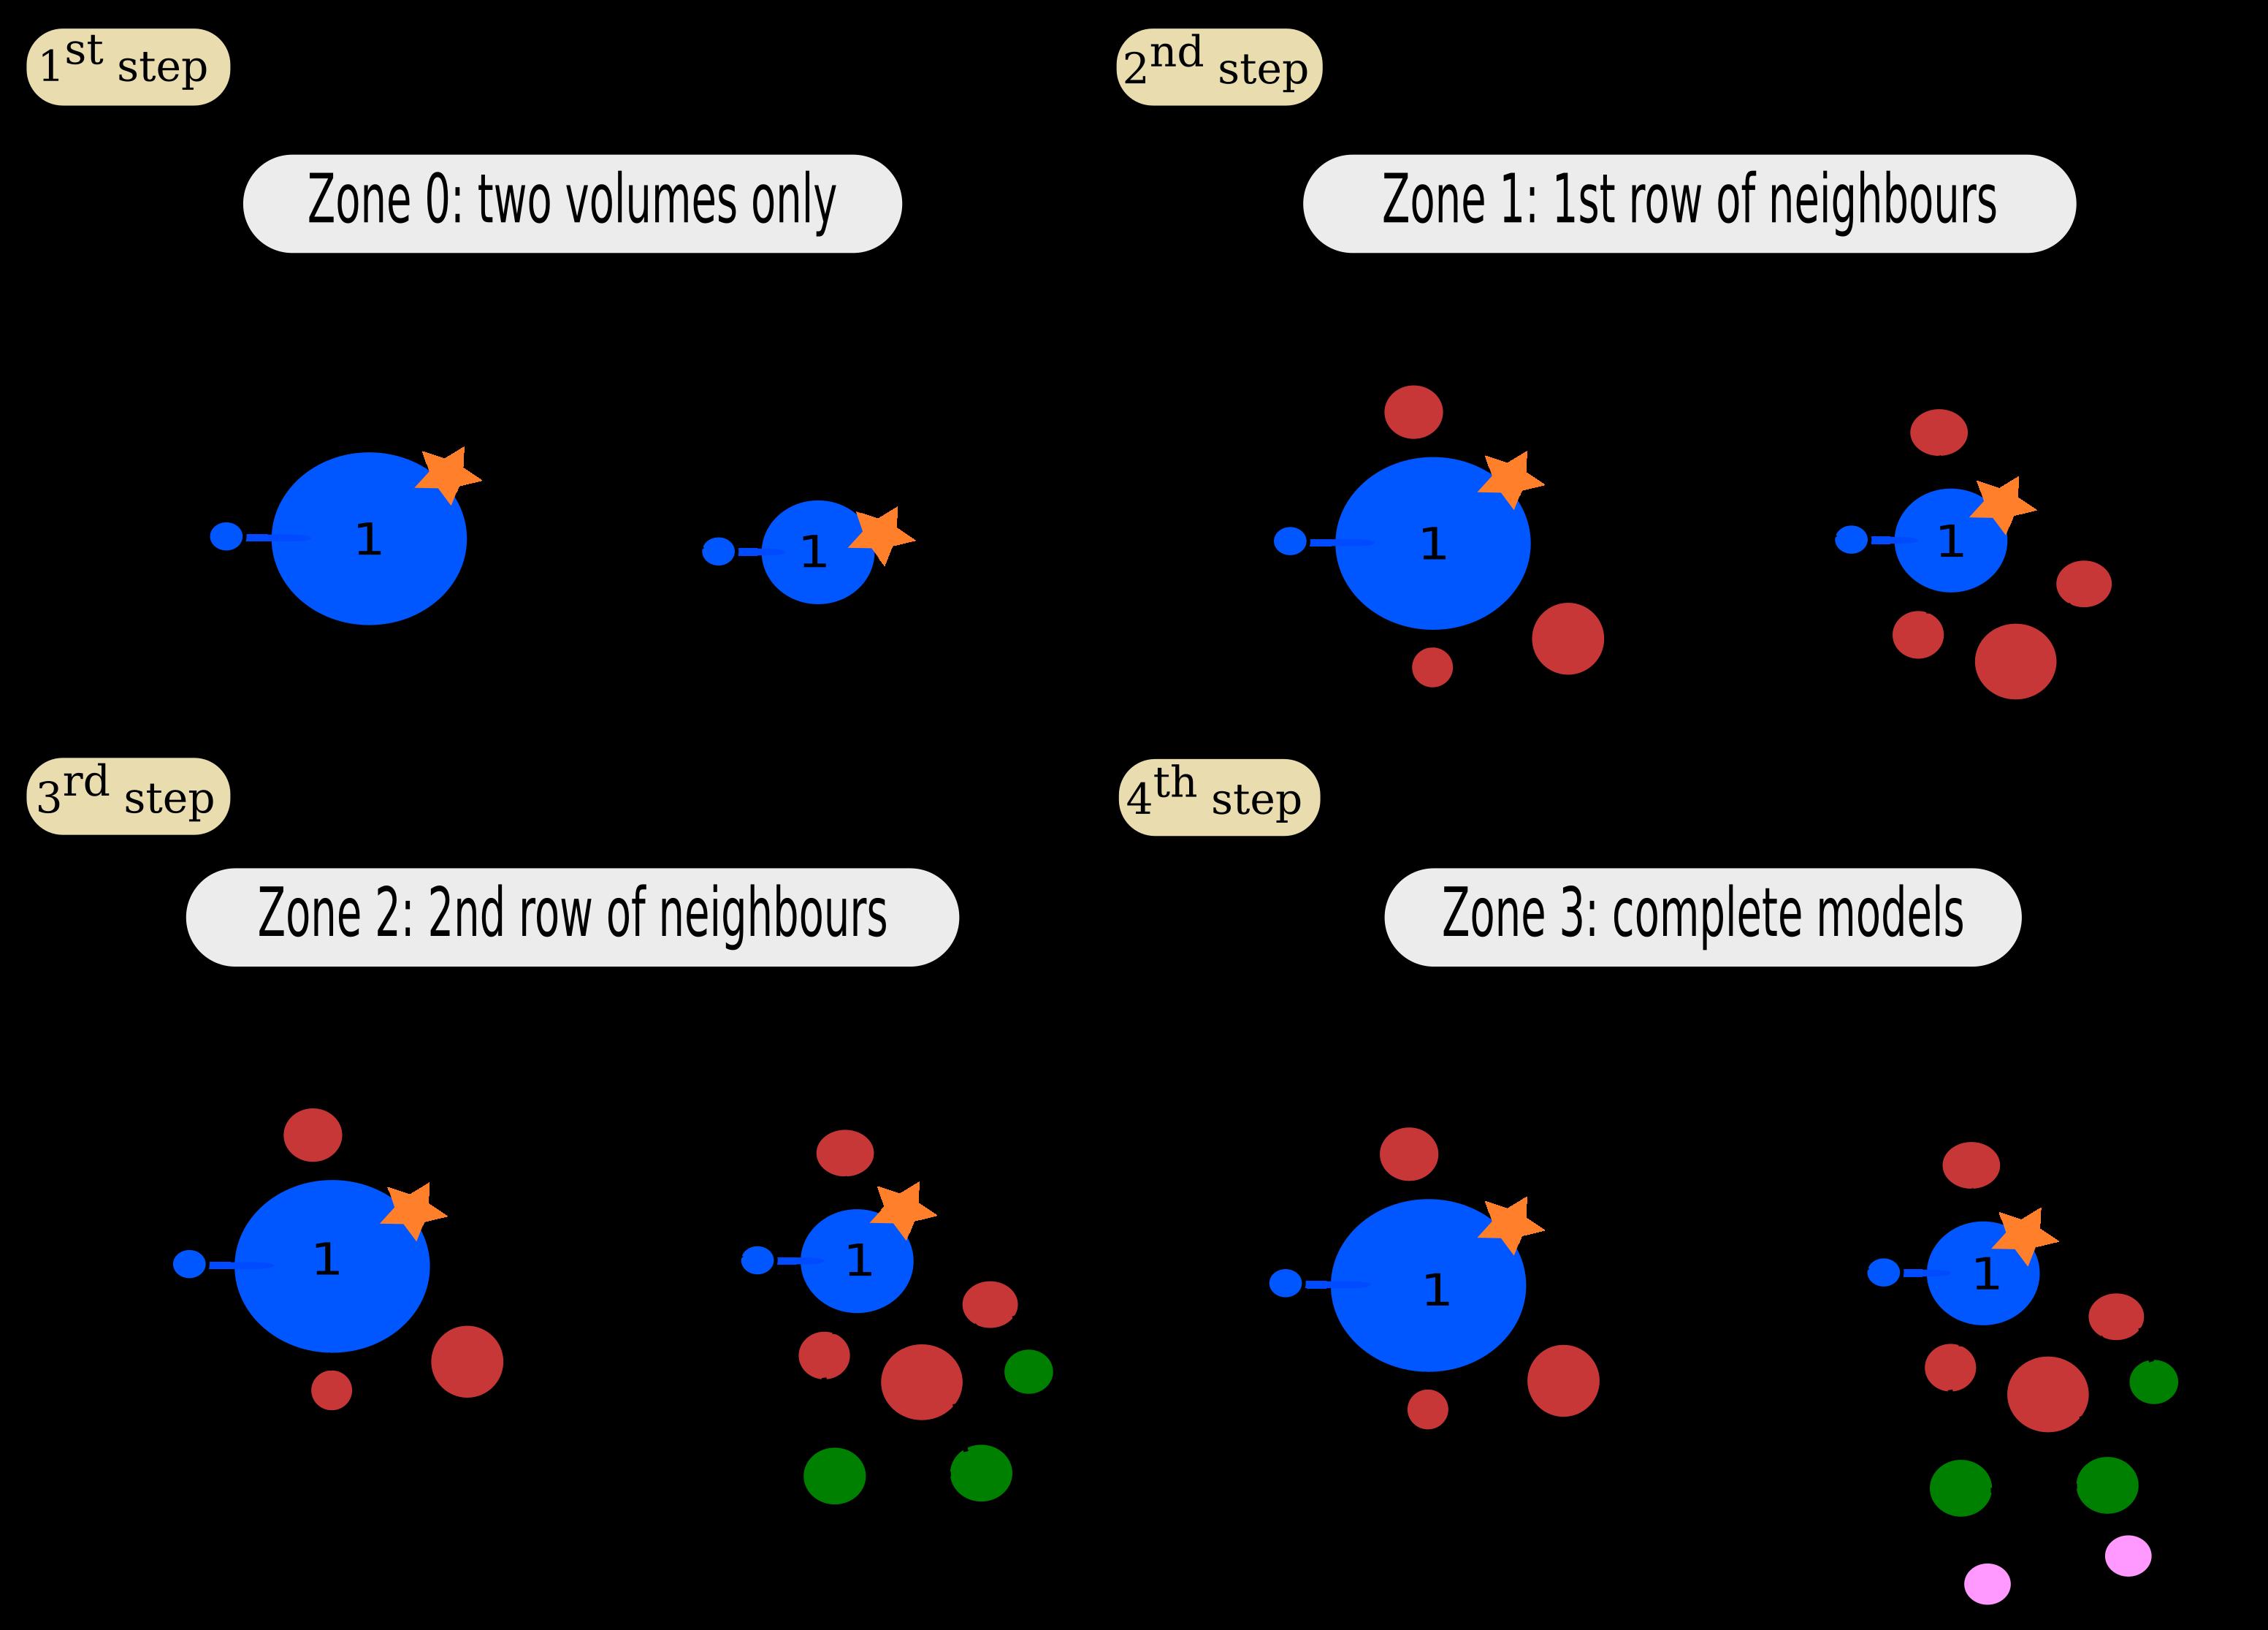 detailed analysis\label{detailed_analysis}